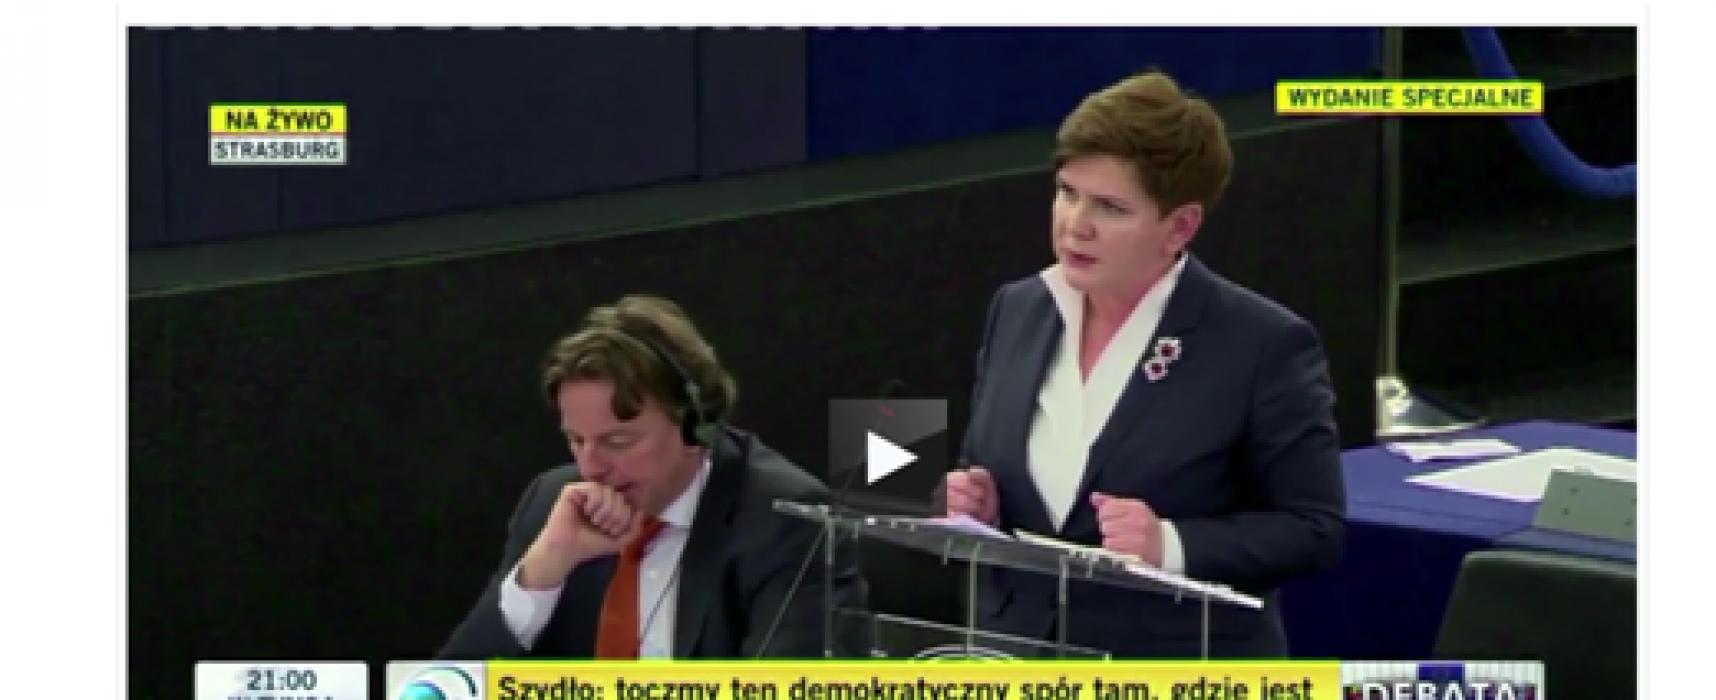 Premier van Polen noemt Oekraïense migranten vluchtelingen